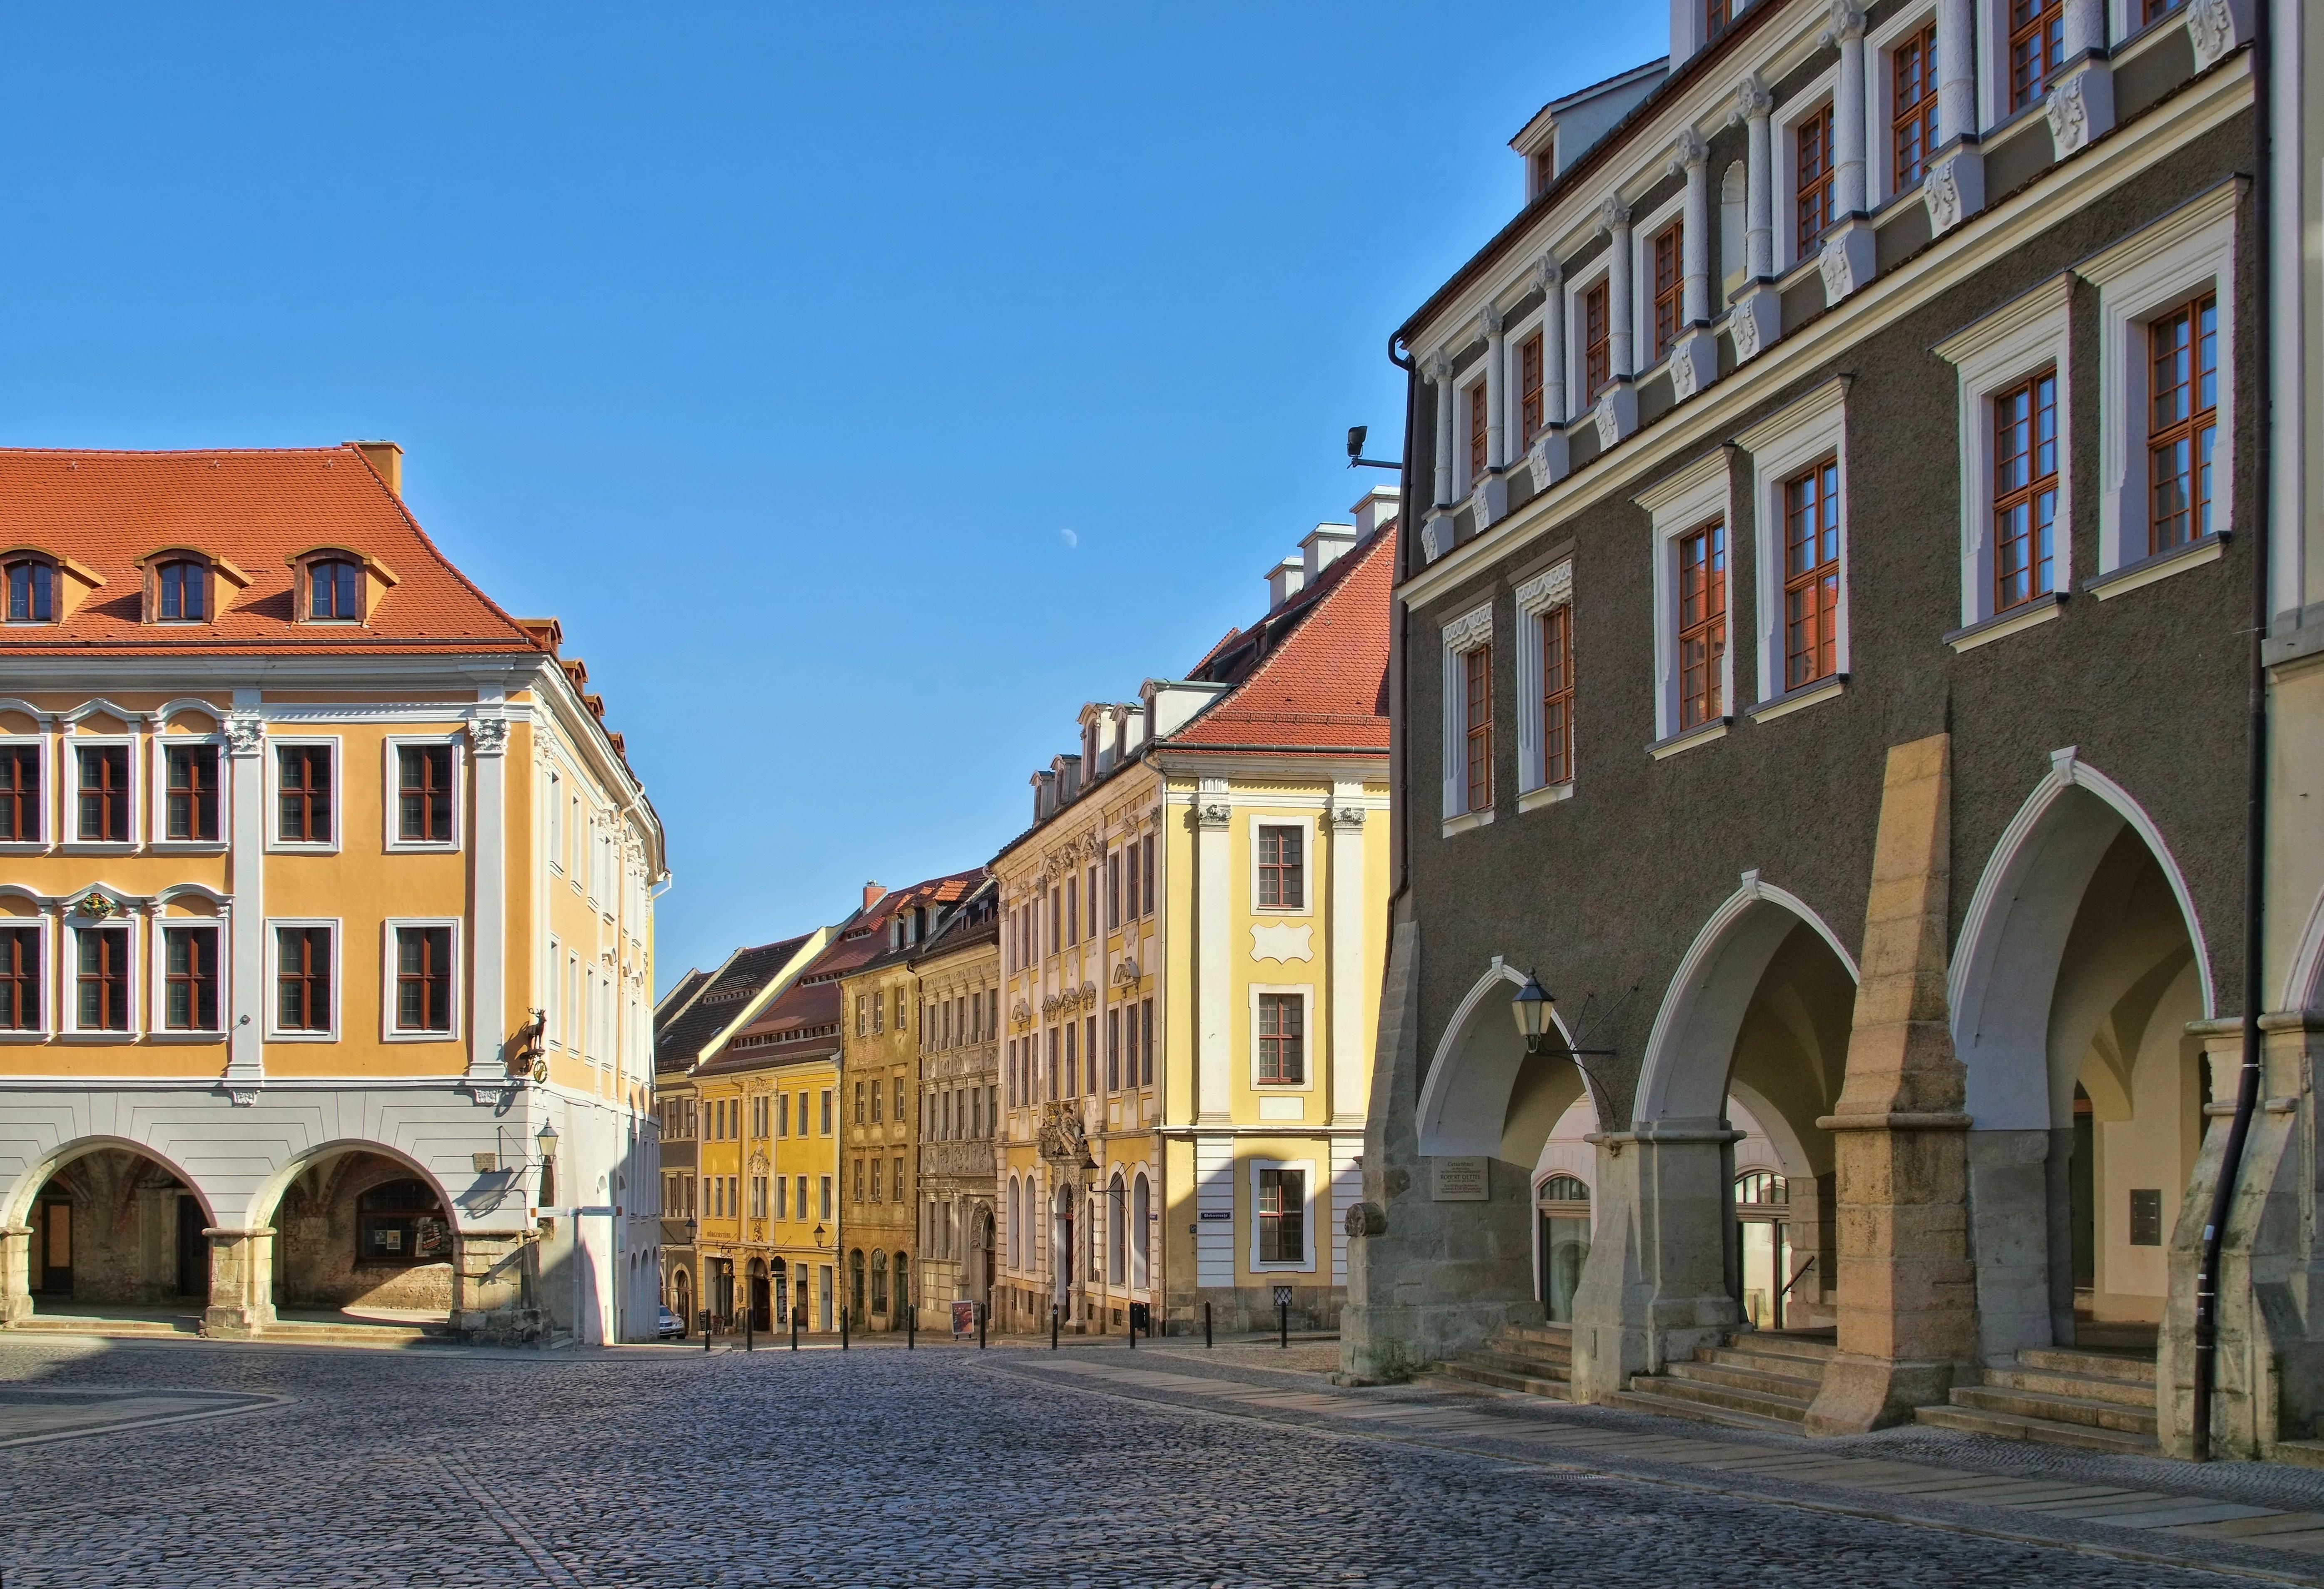 Hallenhäuser wie hier am Görlitzer Untermarkt sind typisch fürs Stadtbild